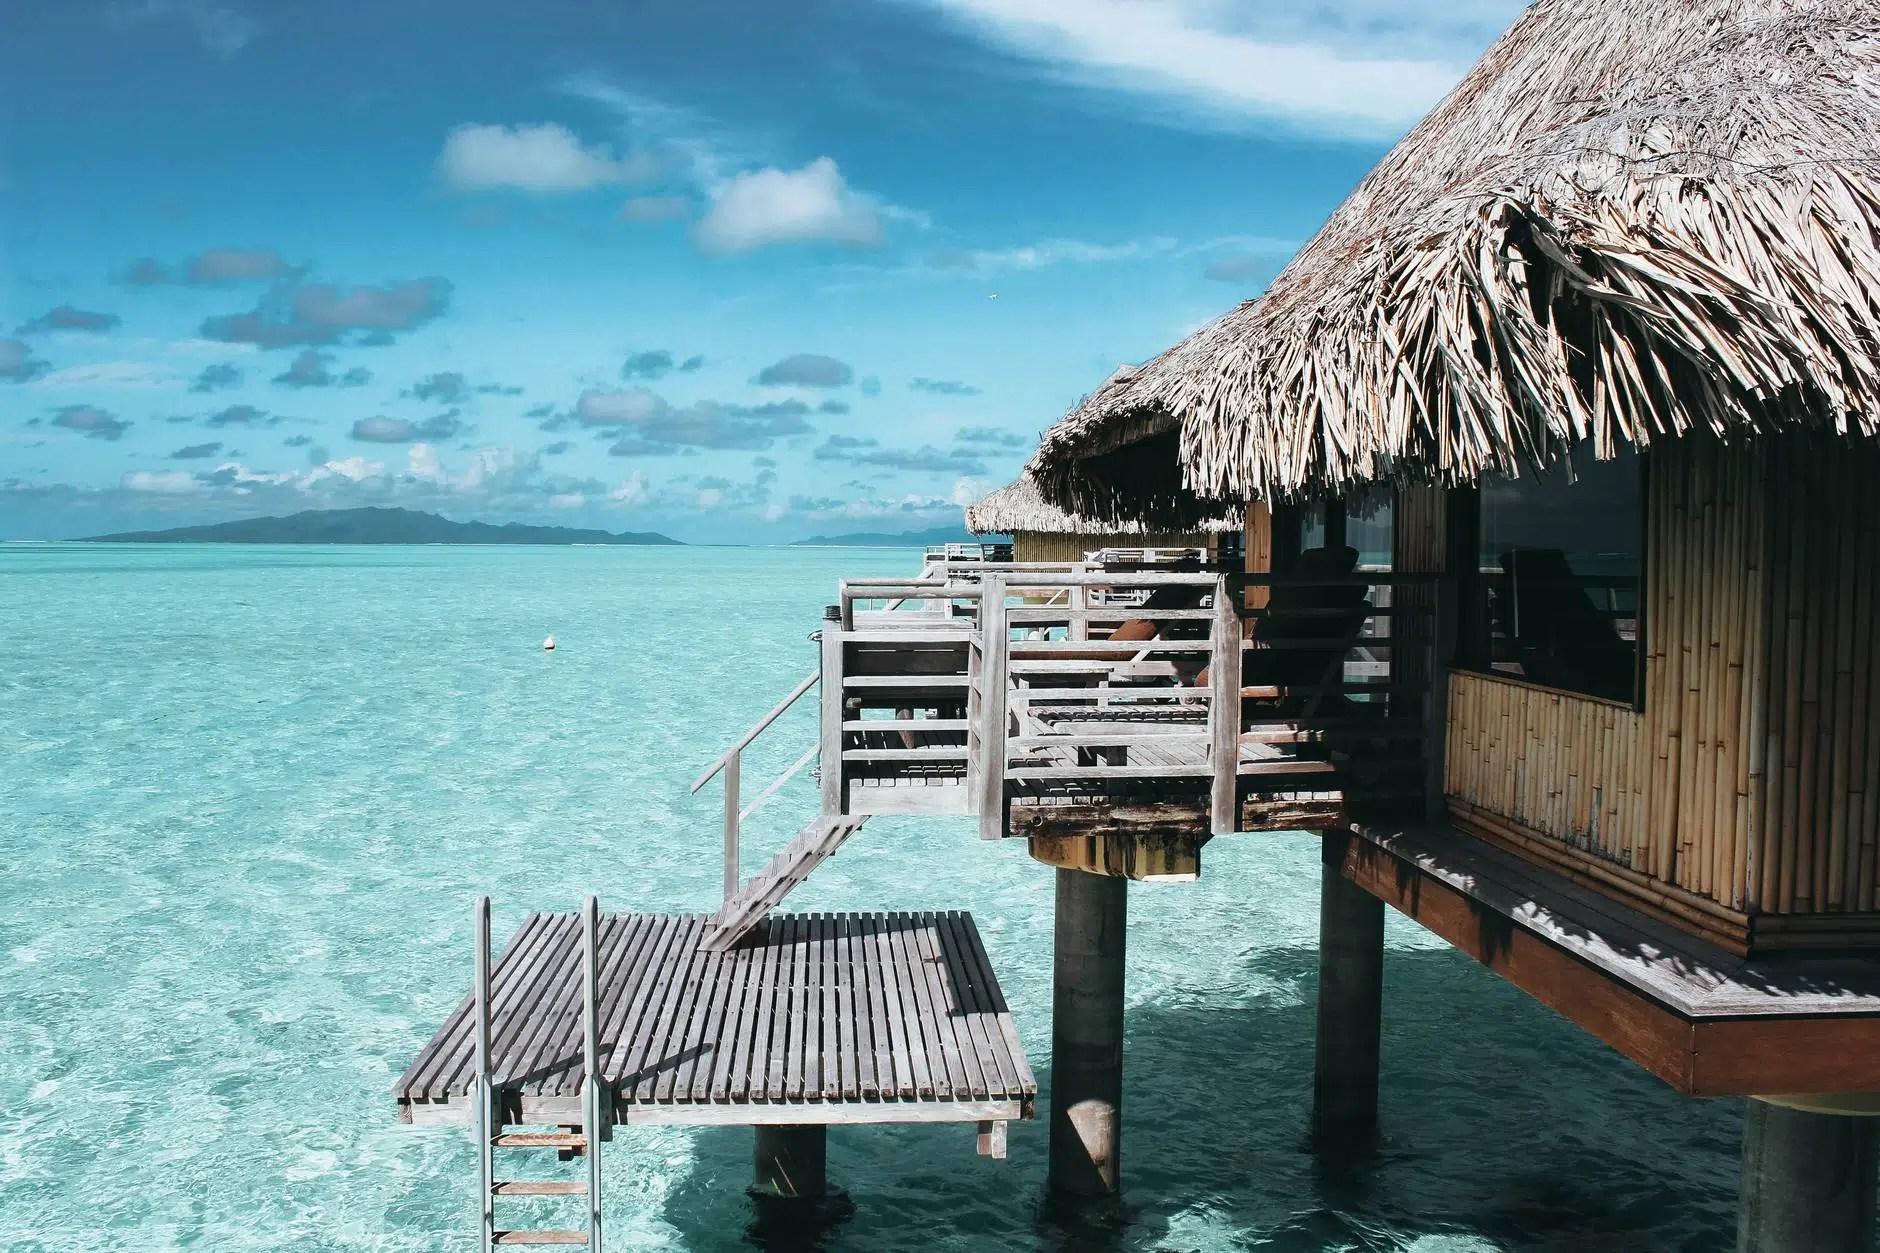 brown nipa hut on body of water